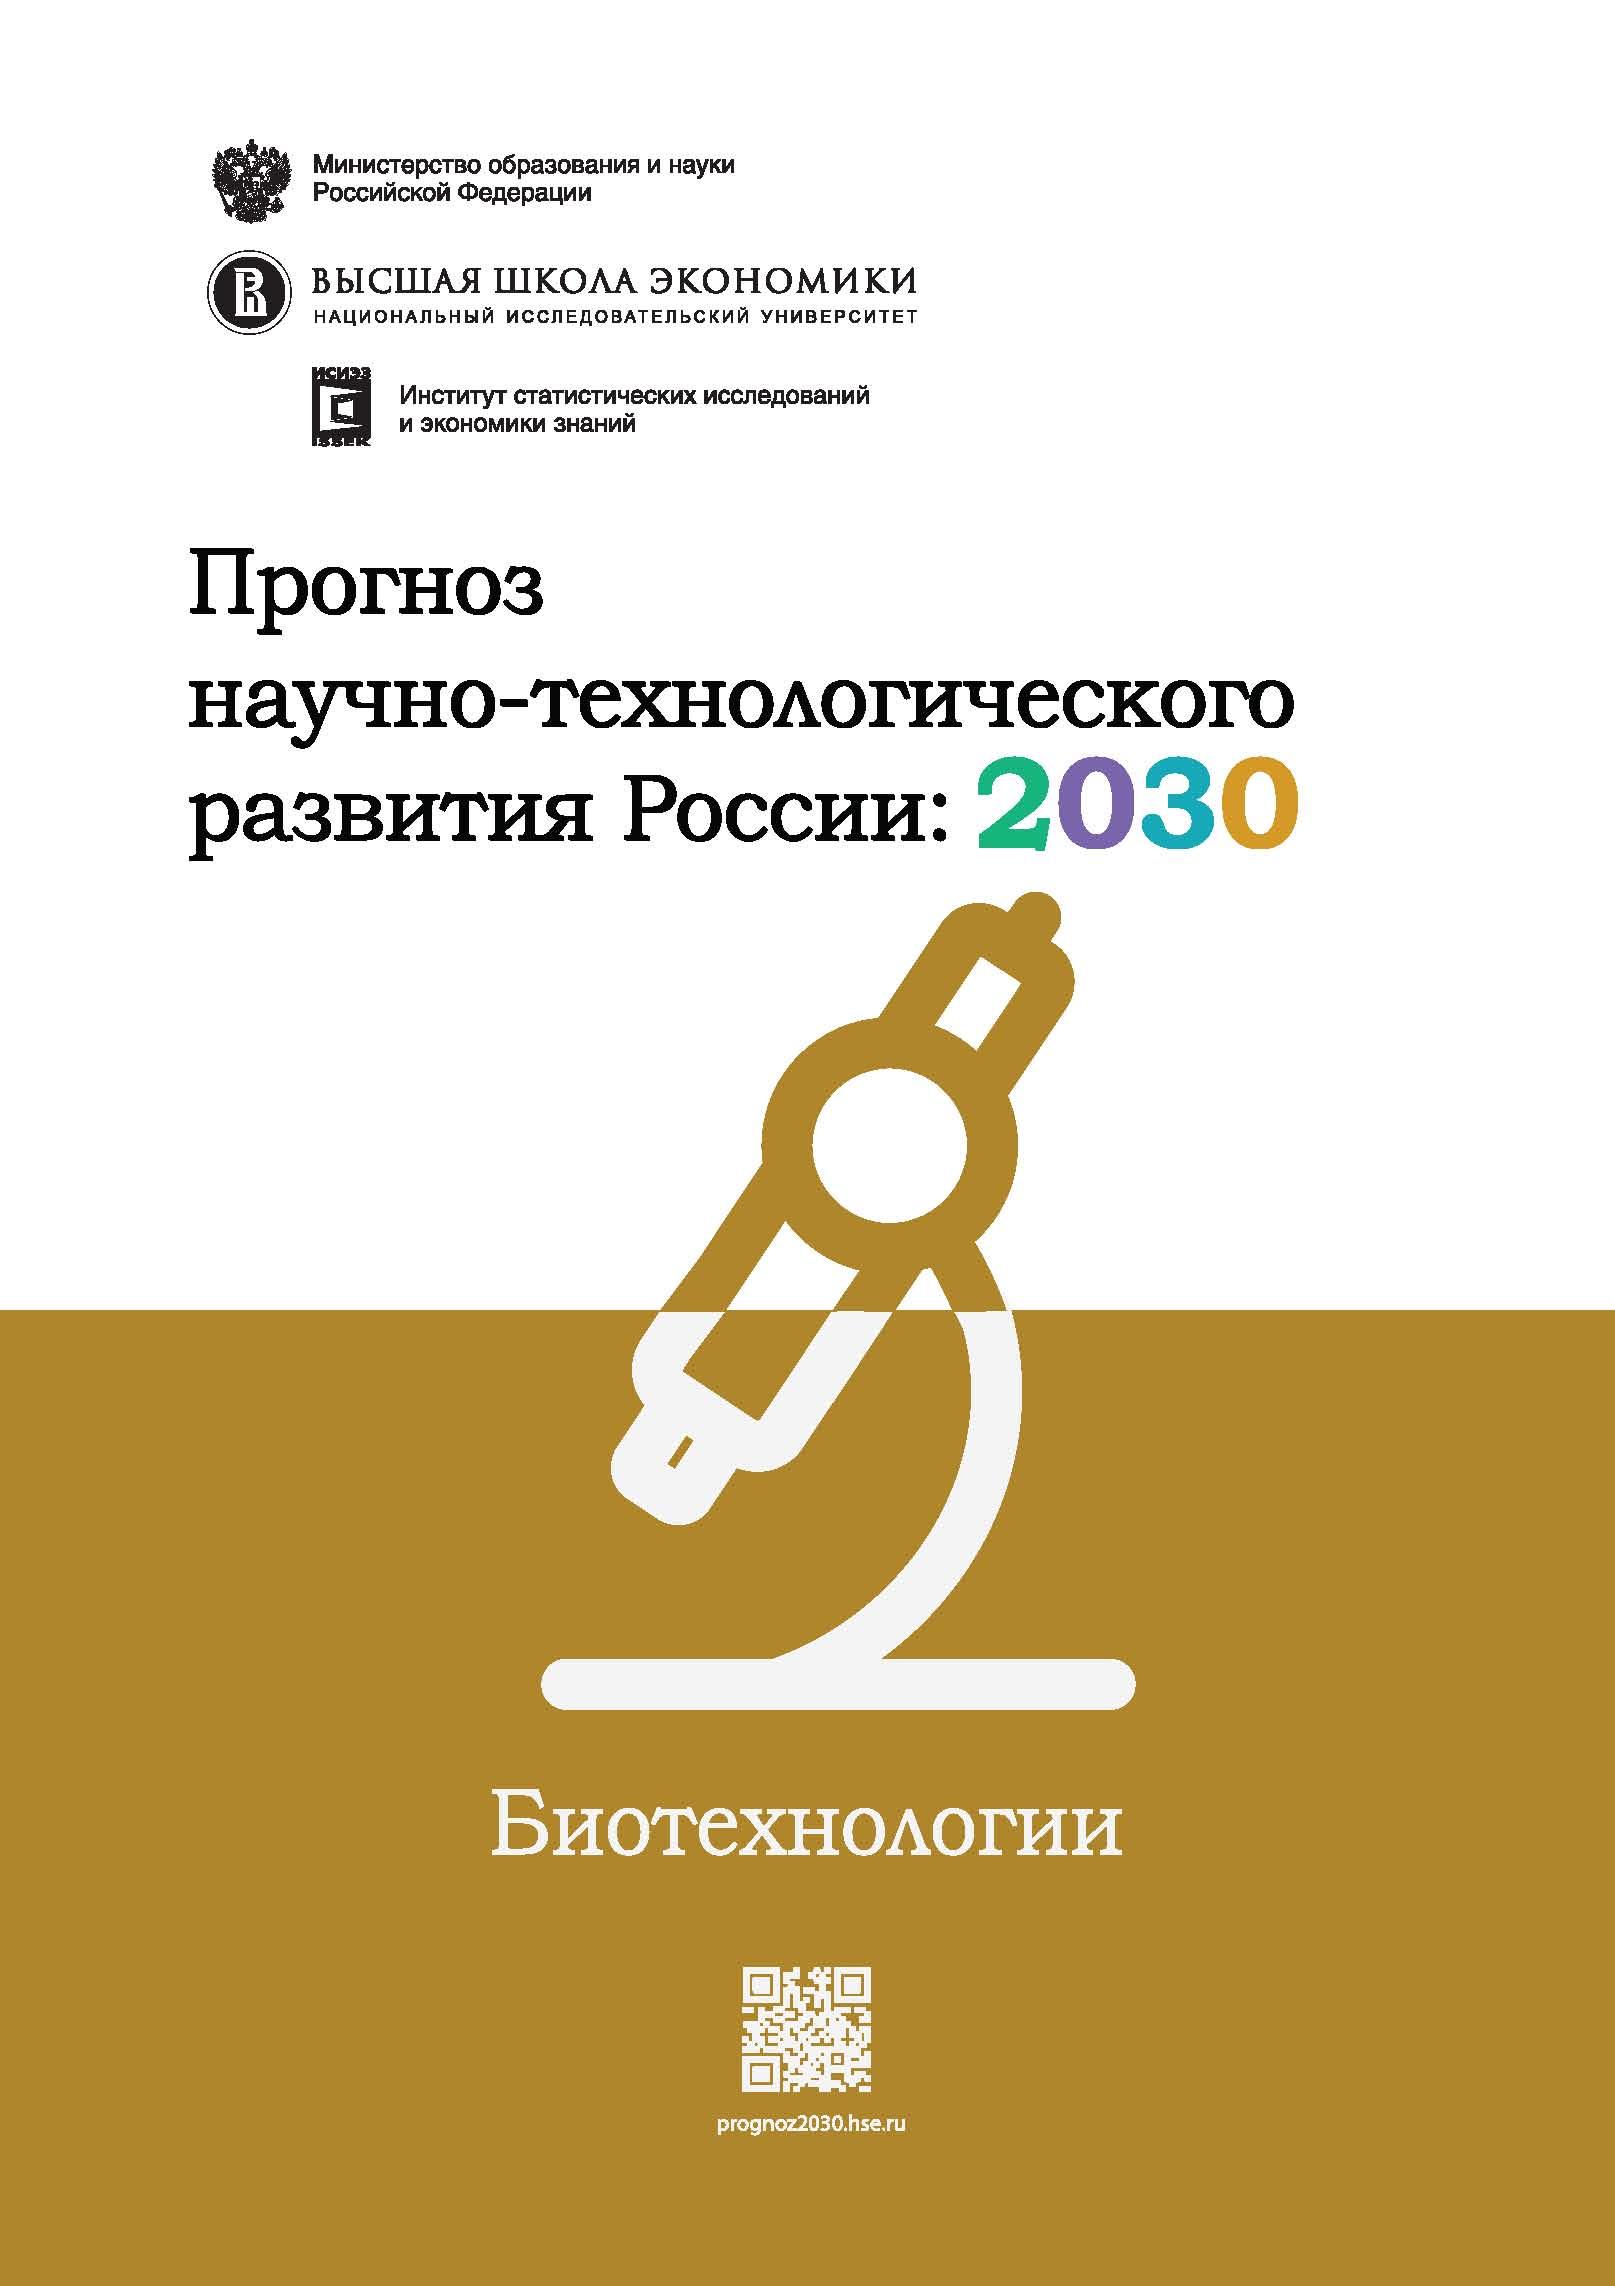 Прогноз научно-технологического развития России: 2030. Биотехнологии